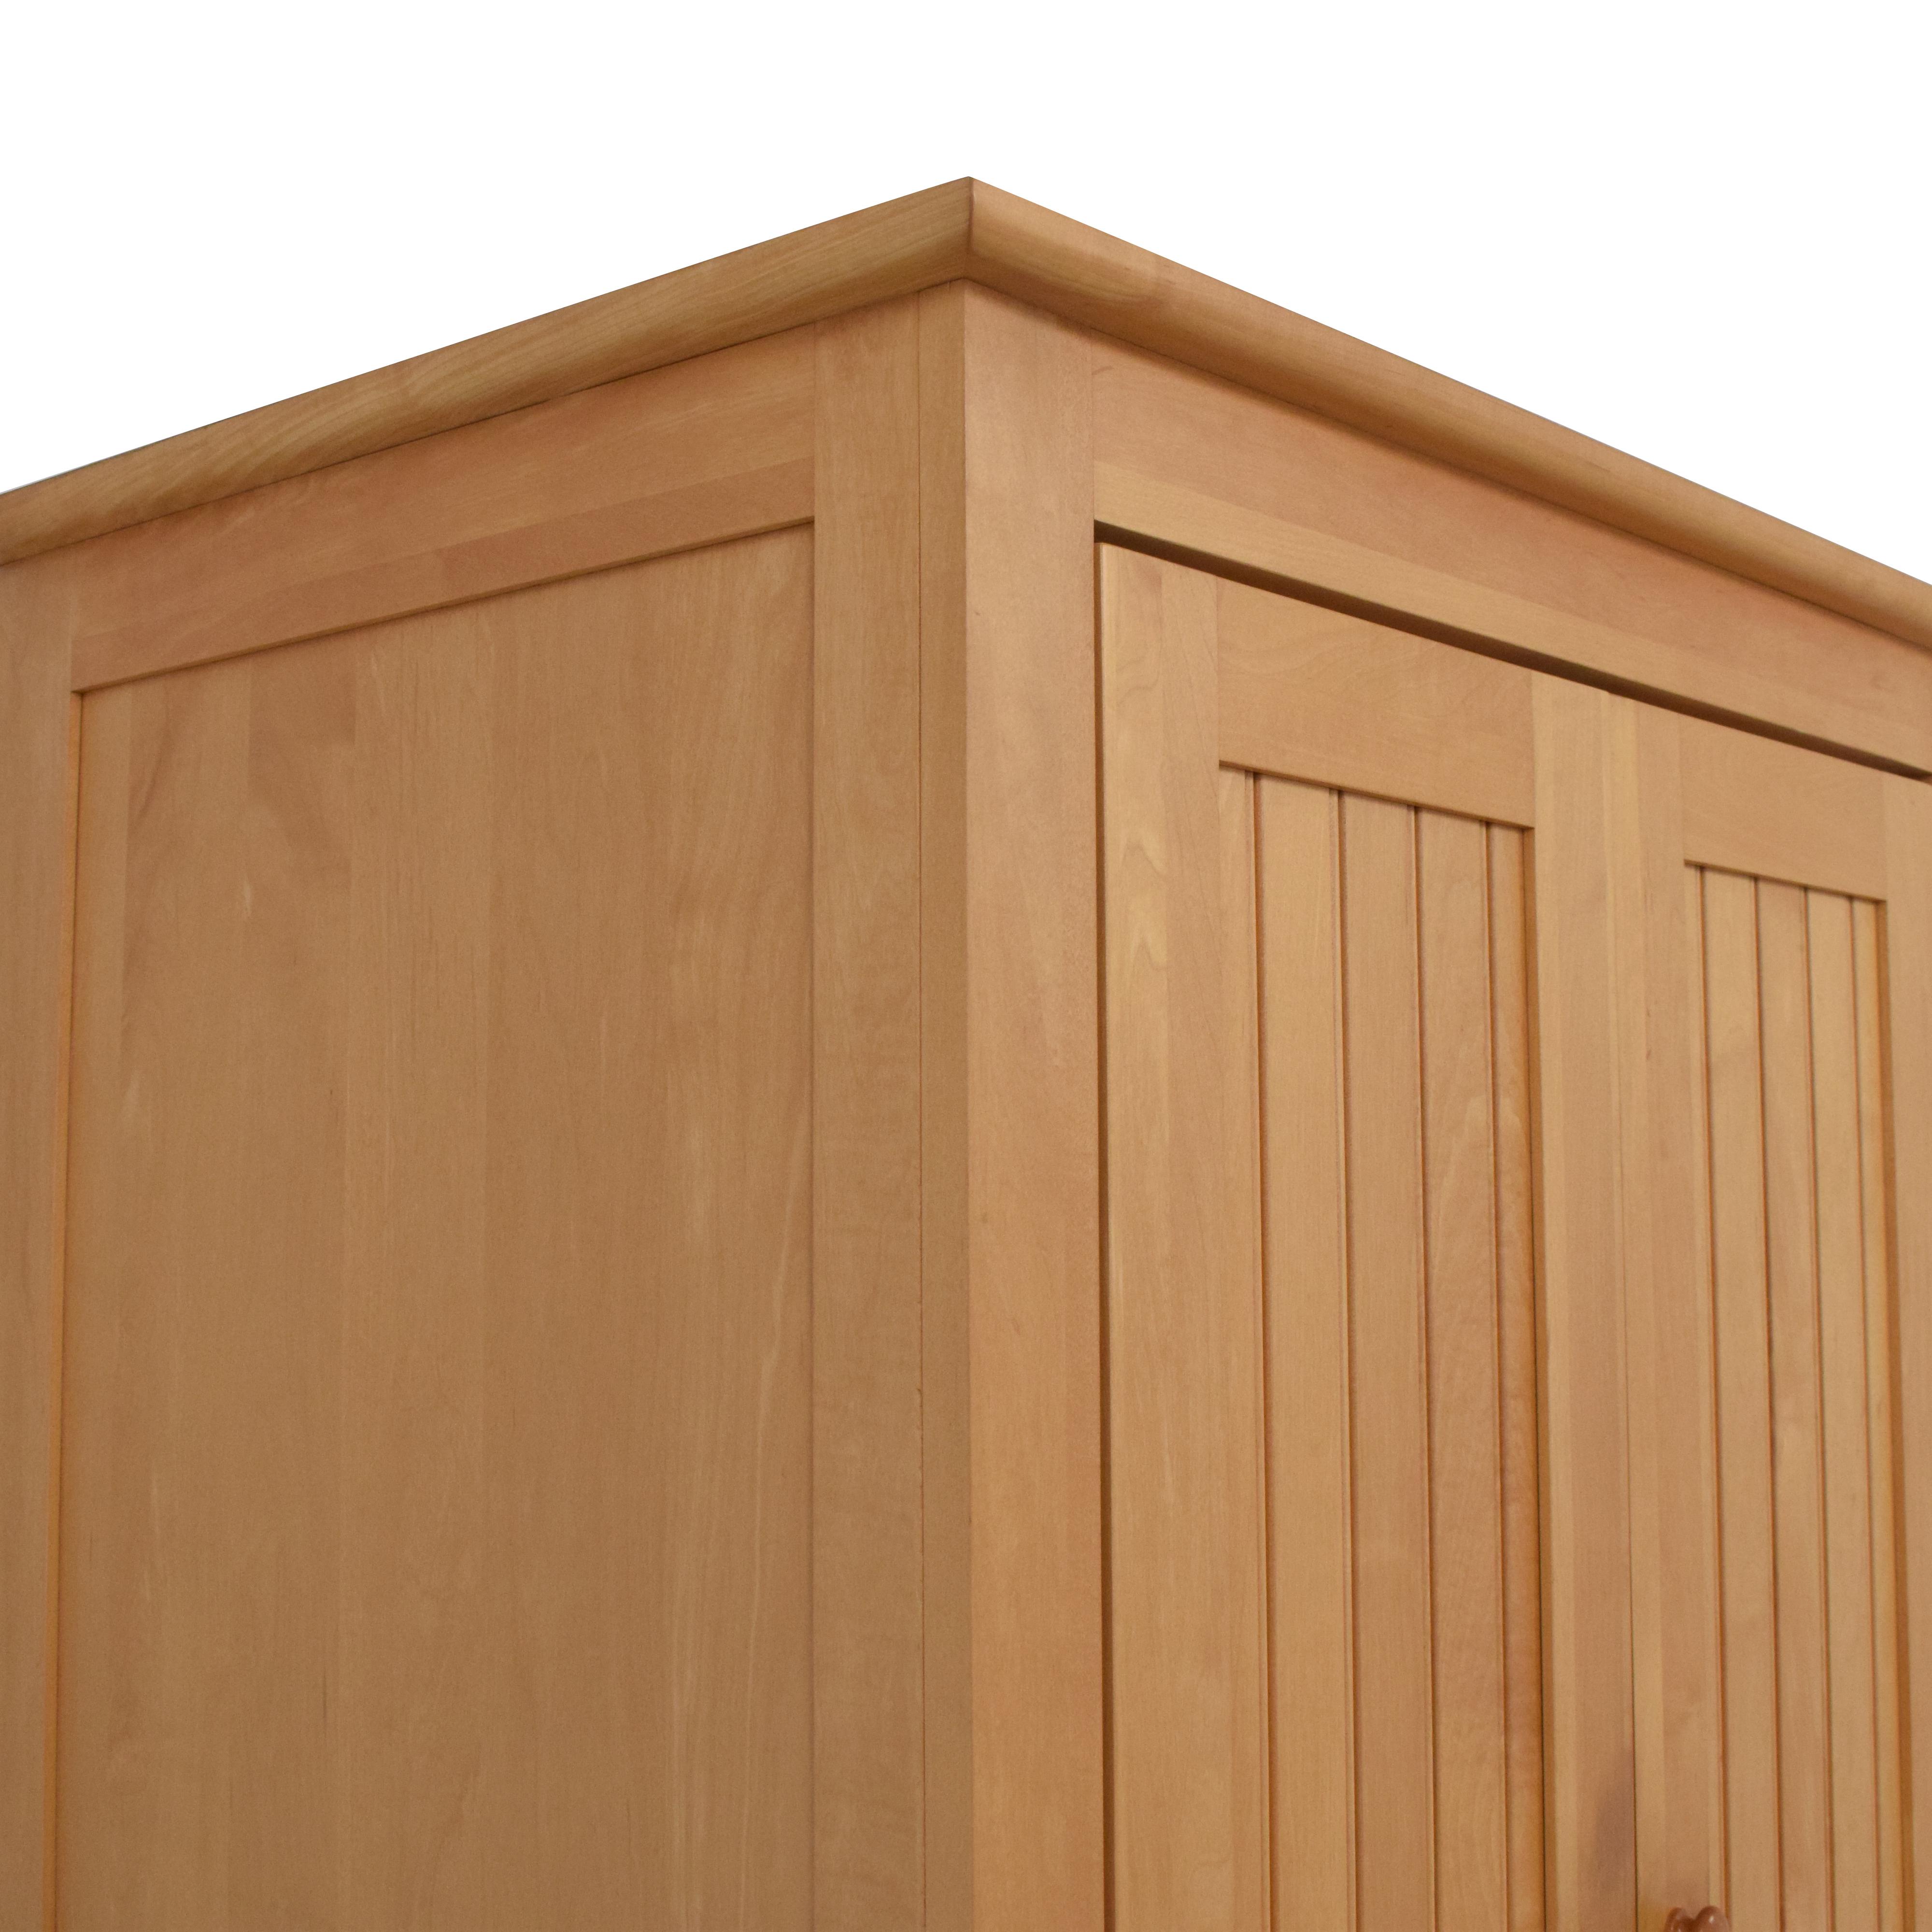 Crate & Barrel Crate & Barrel Bedroom Armoire price